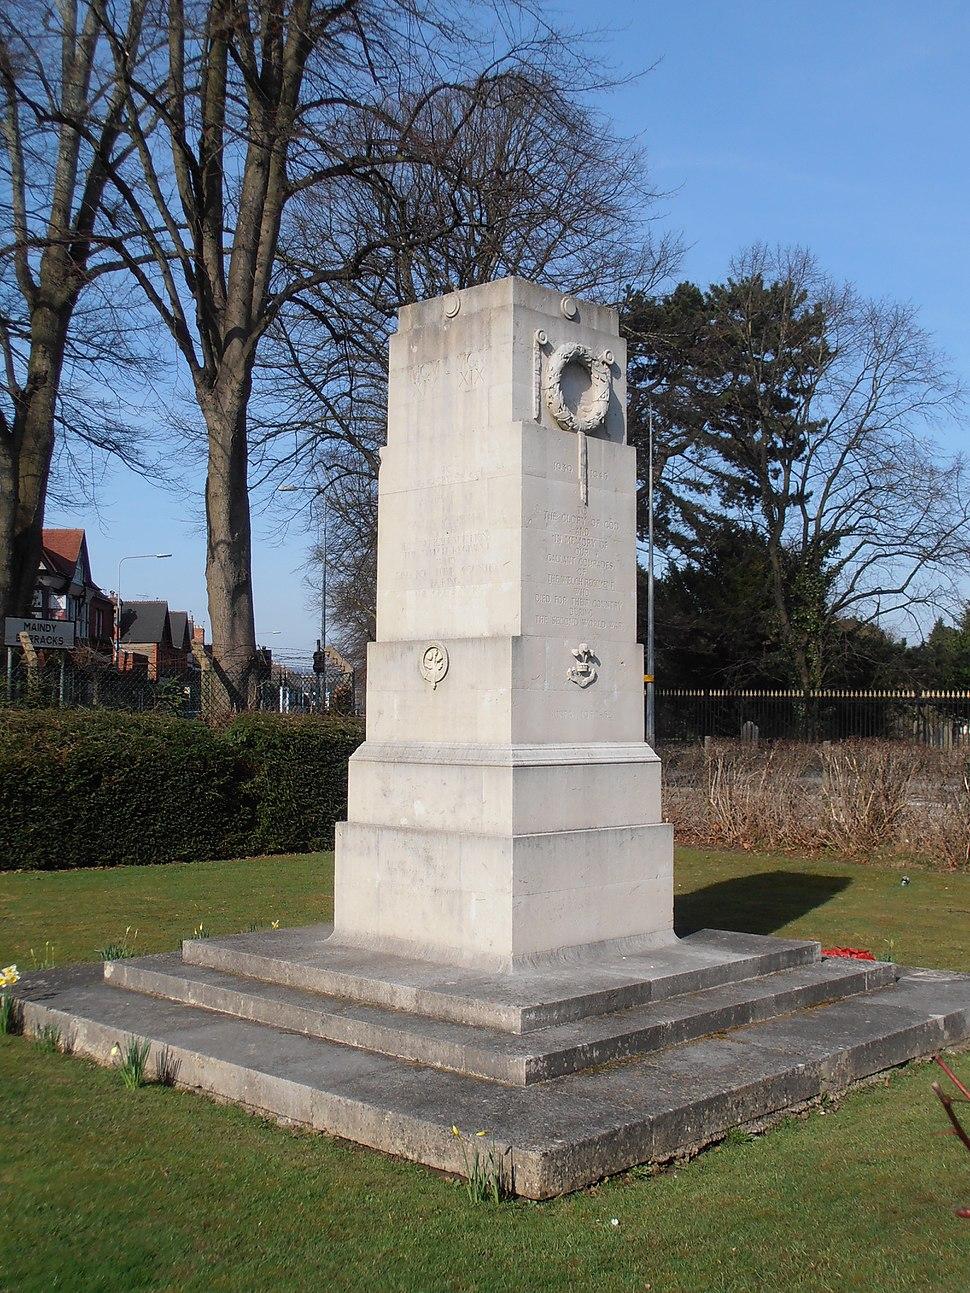 Maindy Barracks Cenotaph